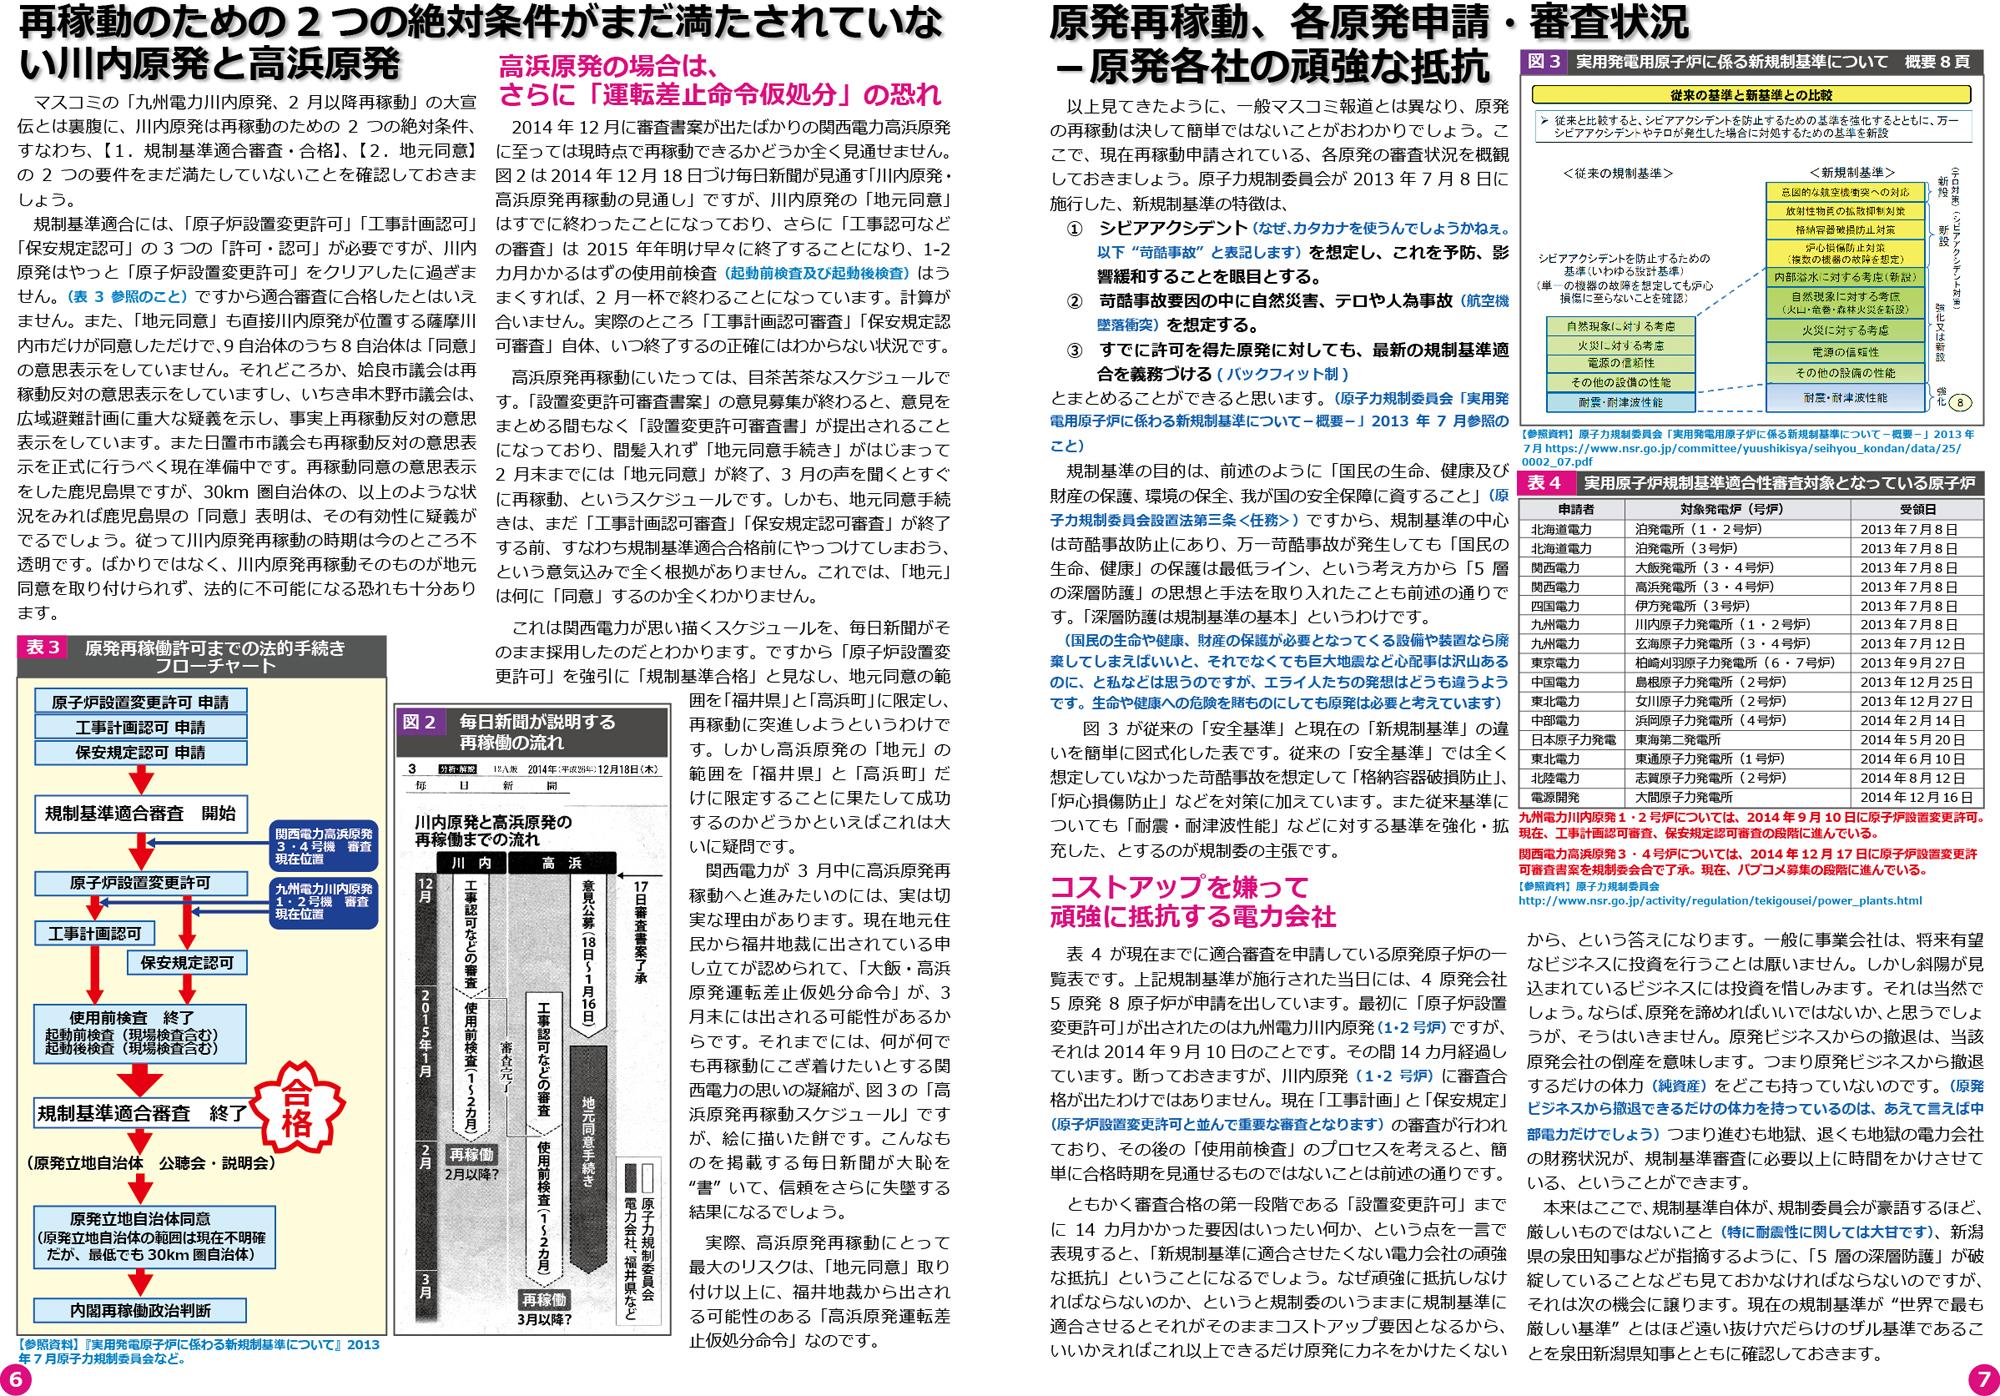 ファイル 51-4.jpg